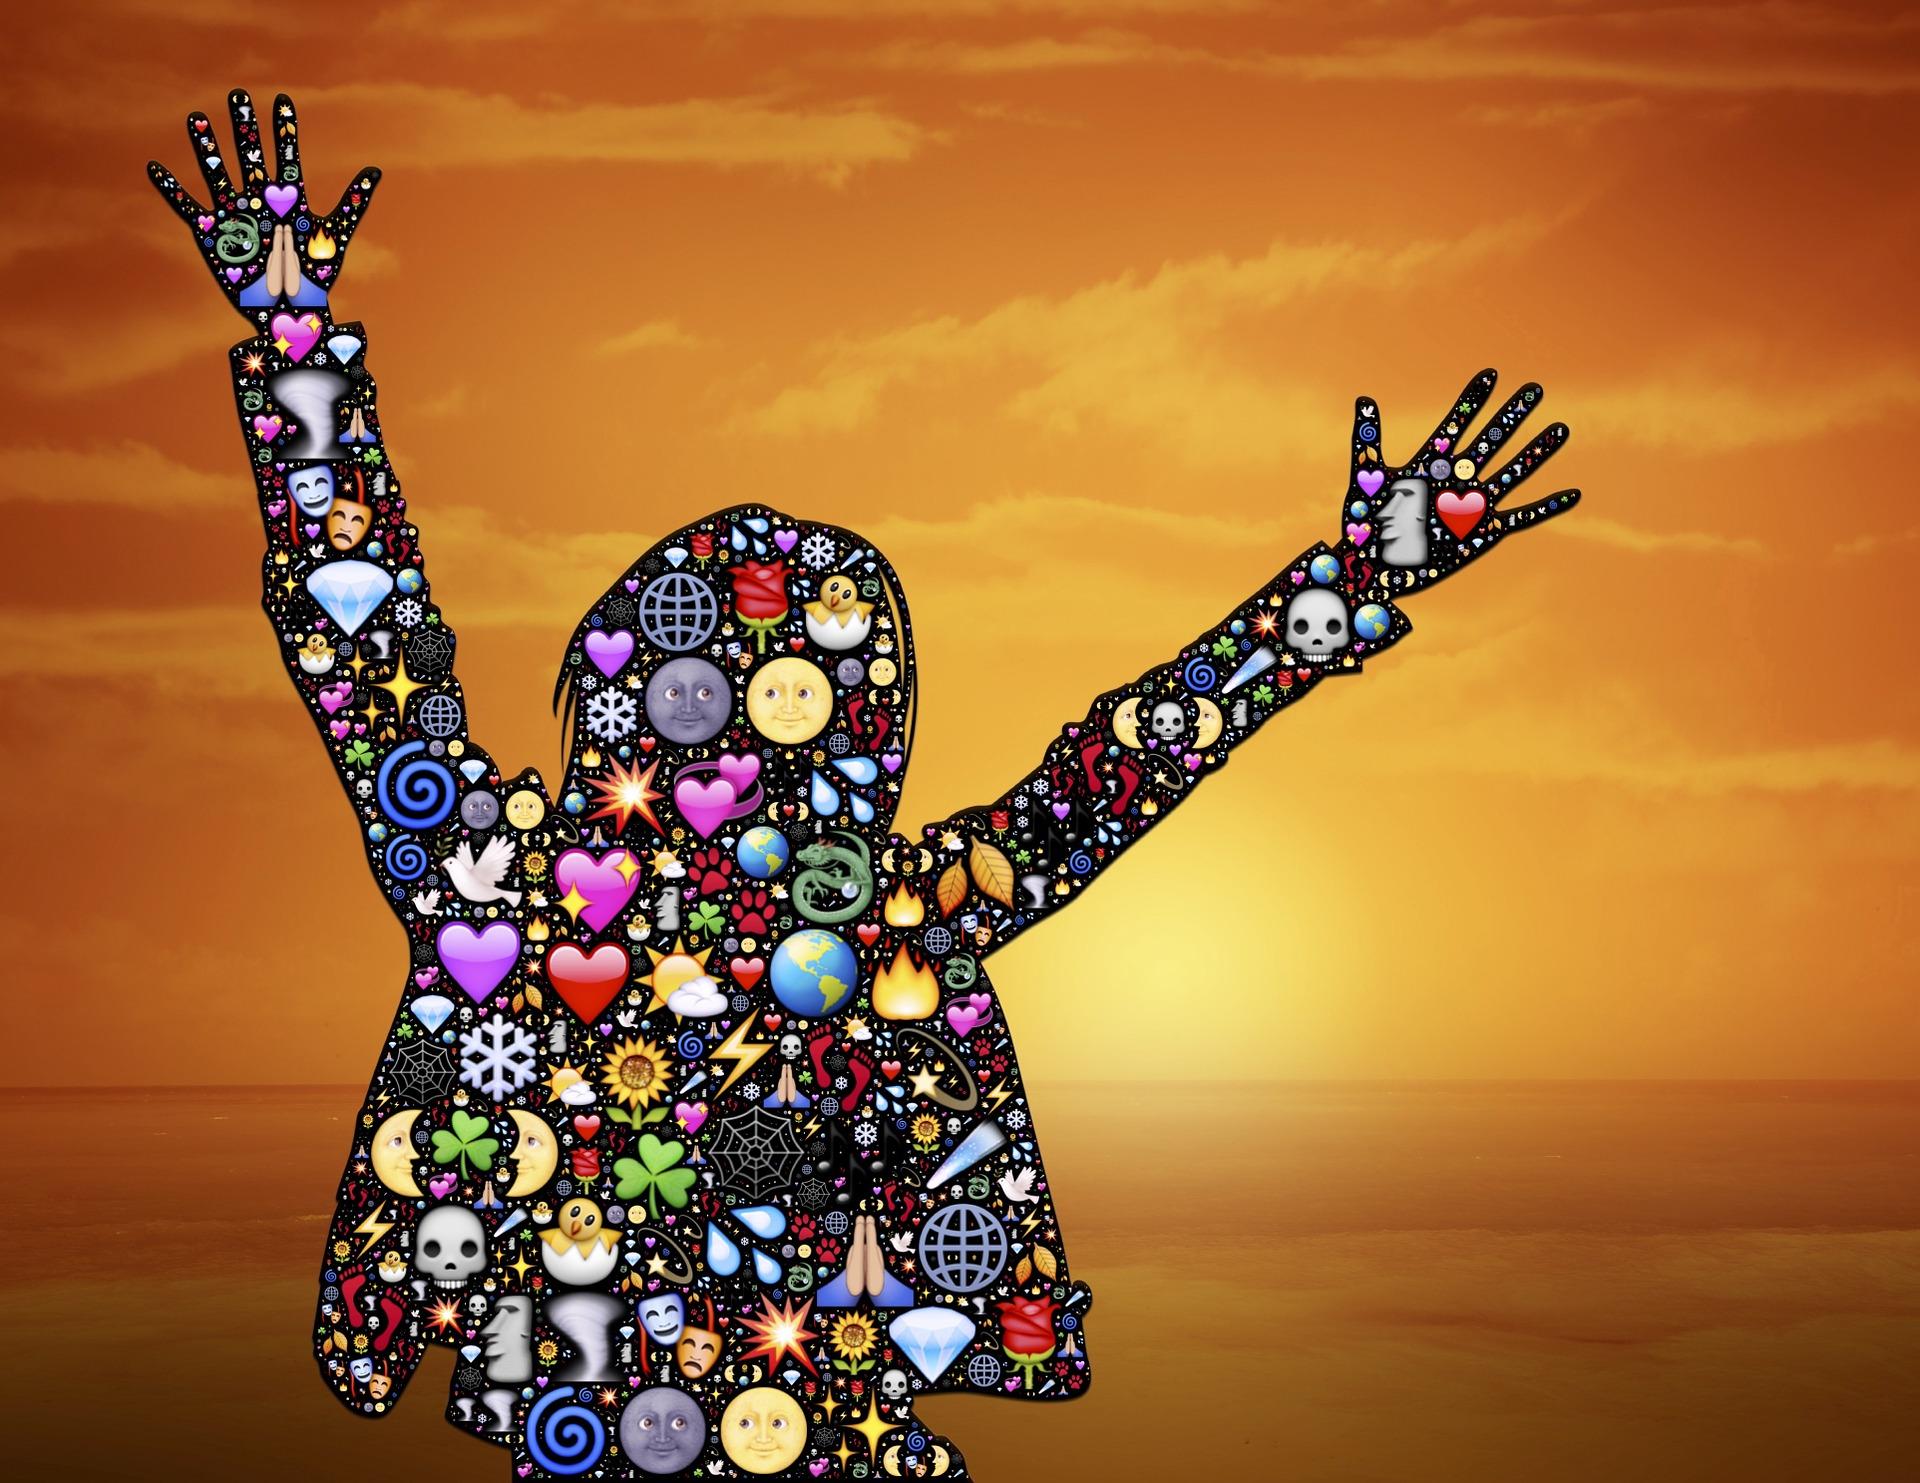 Ein Bild zum Thema Dankbarkeit